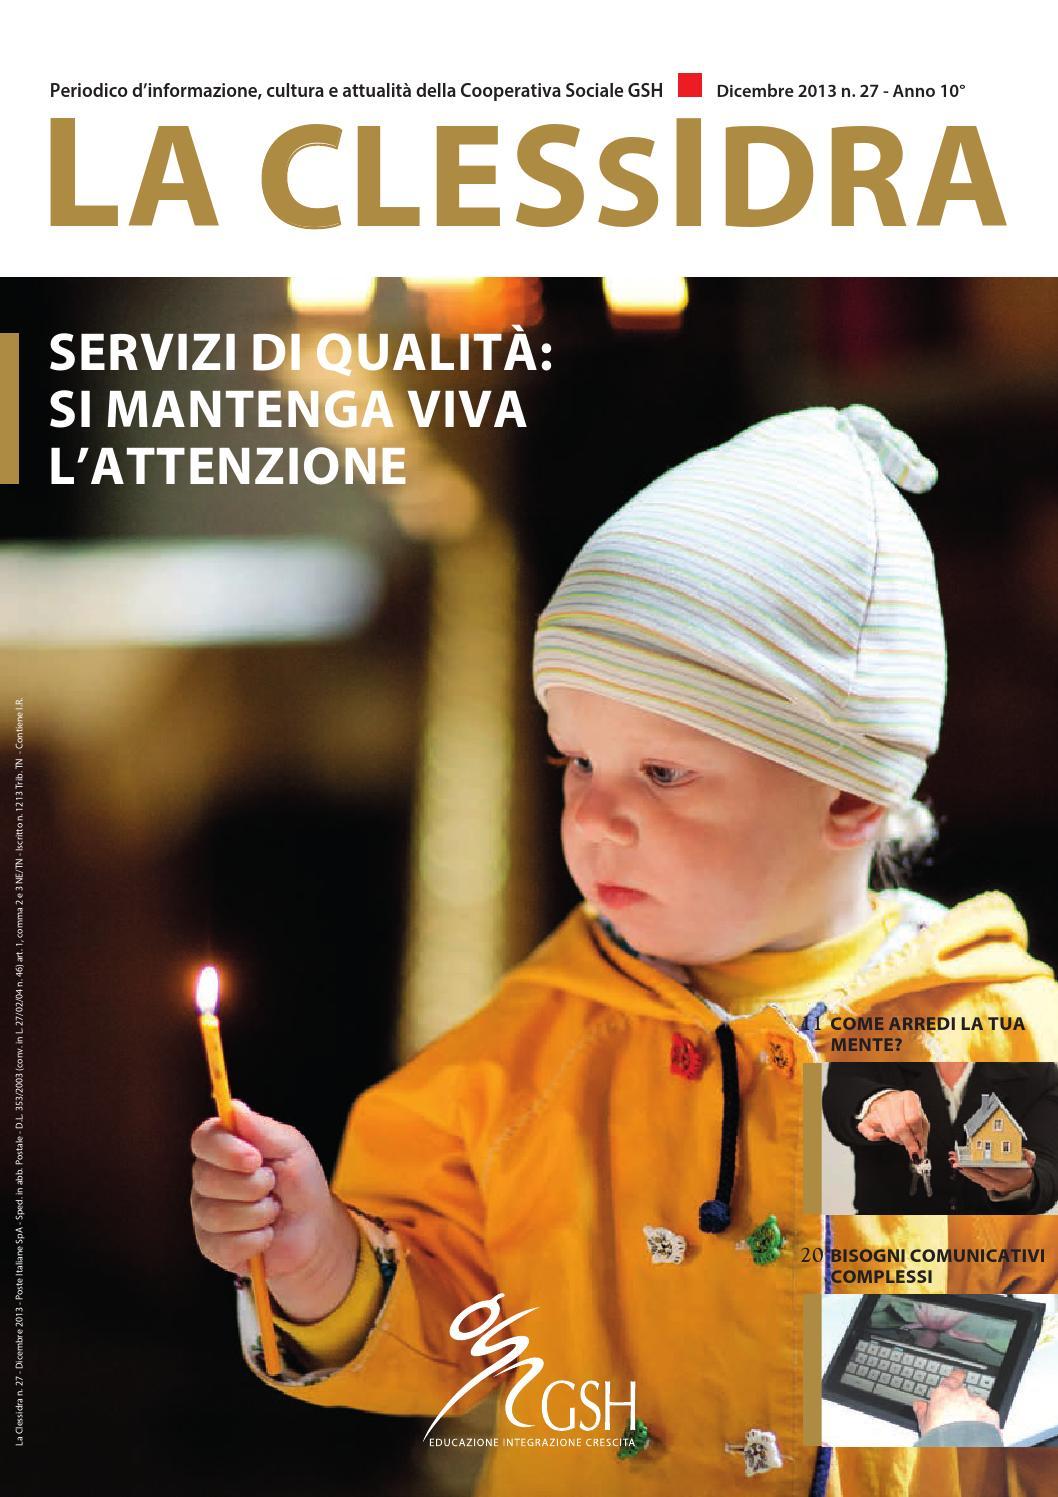 La clessidra n 27 dicembre 2013 by gsh cooperativa - La finestra cooperativa sociale ...